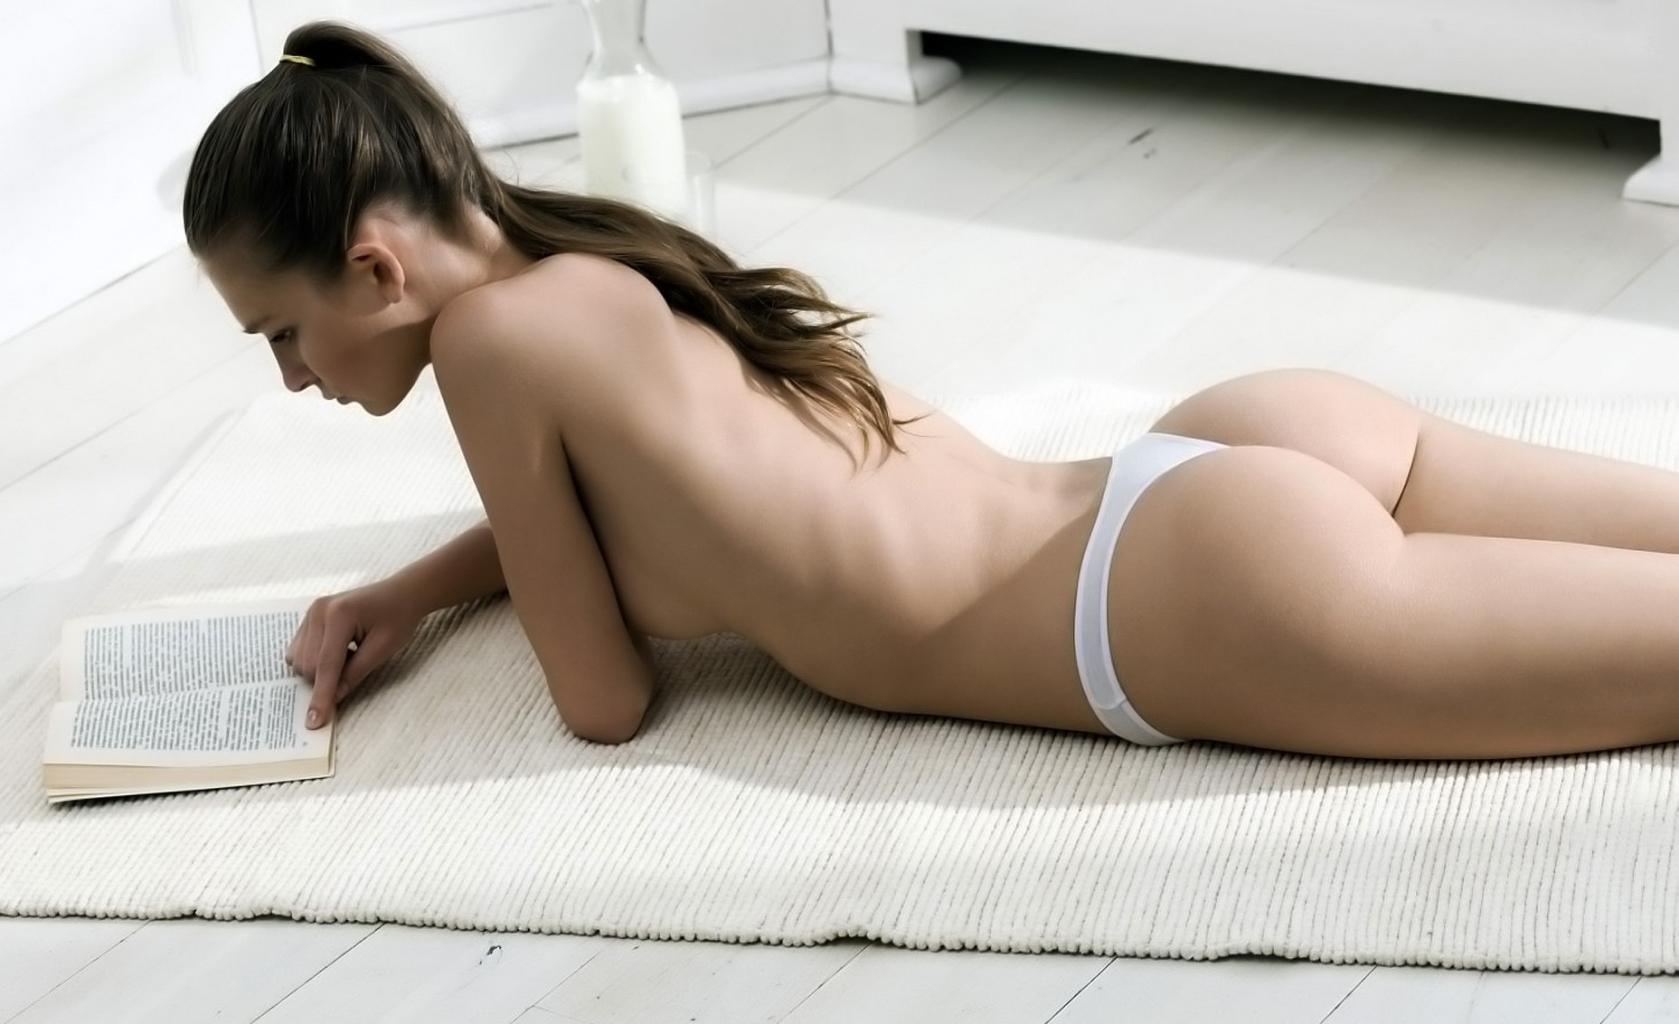 XXX mamičky videá - zrelý porno, domáci porn, MILF mačička Luxusné večierky plné erotiky: Chceli by ste.